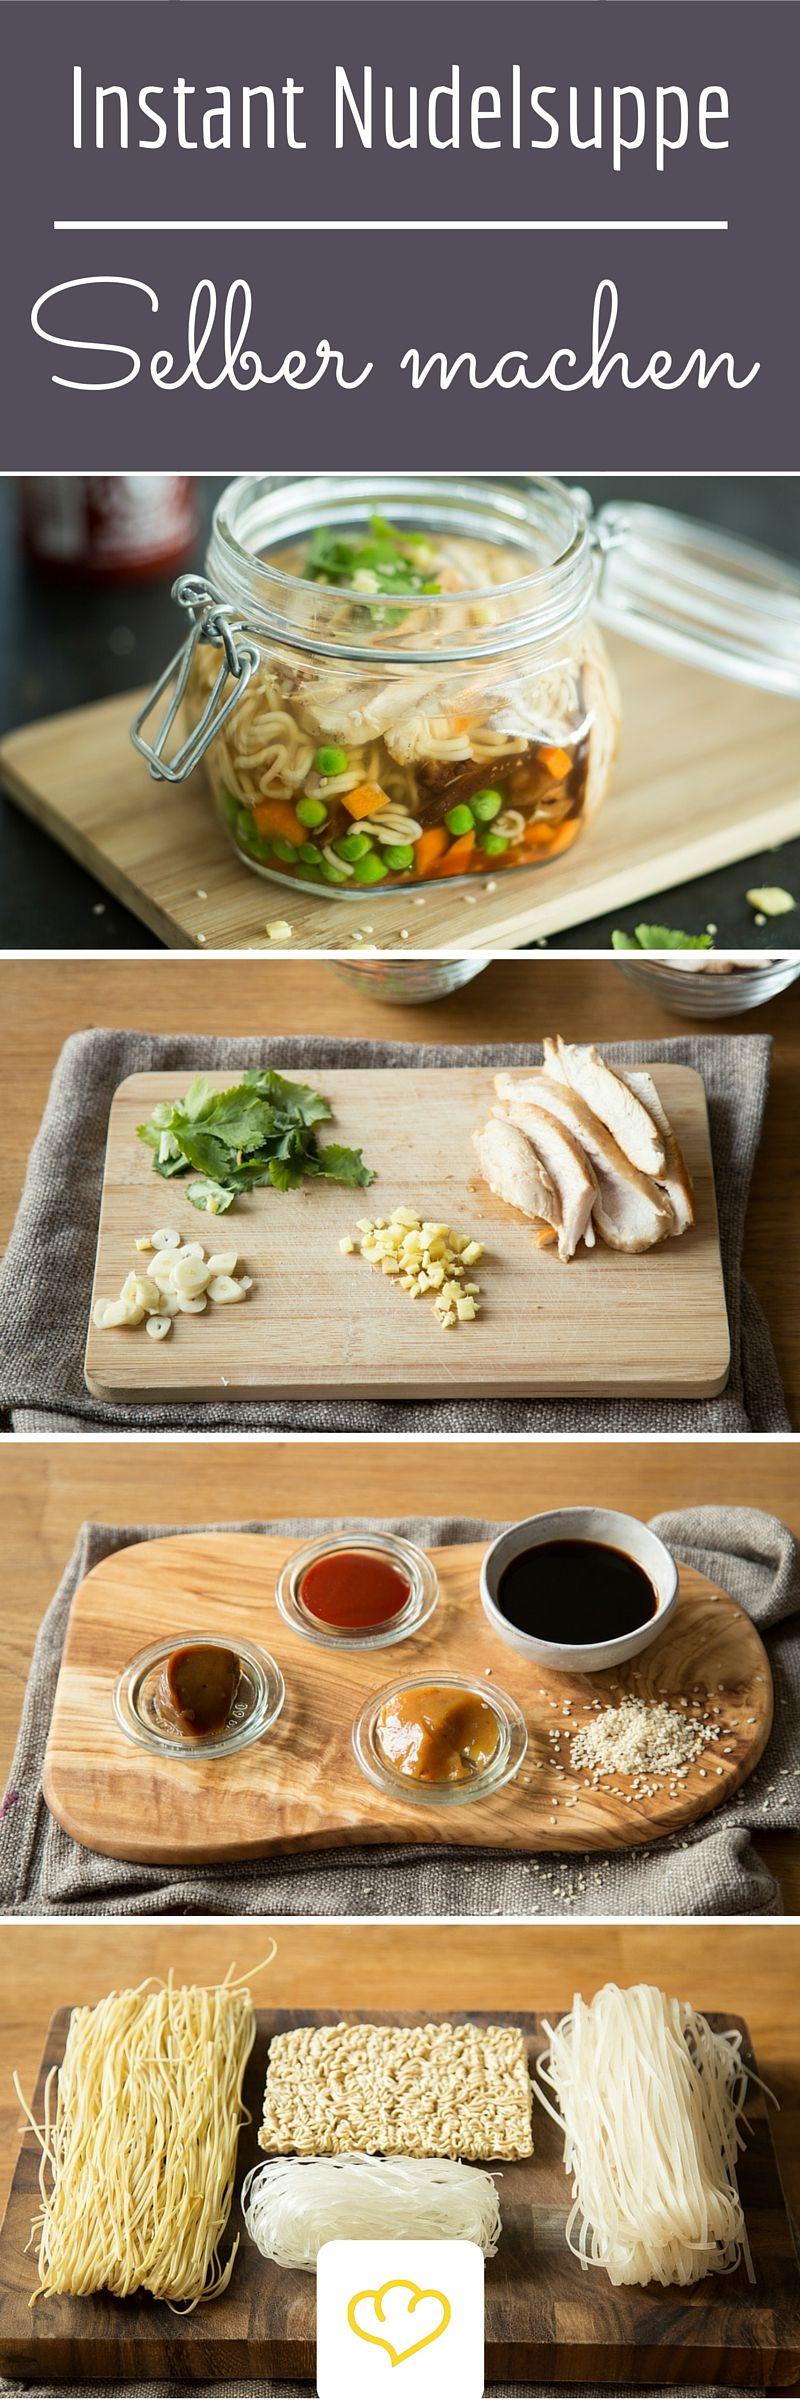 diy instant nudelsuppe der guide zum gesunden schnellen snack alles aus der k che. Black Bedroom Furniture Sets. Home Design Ideas